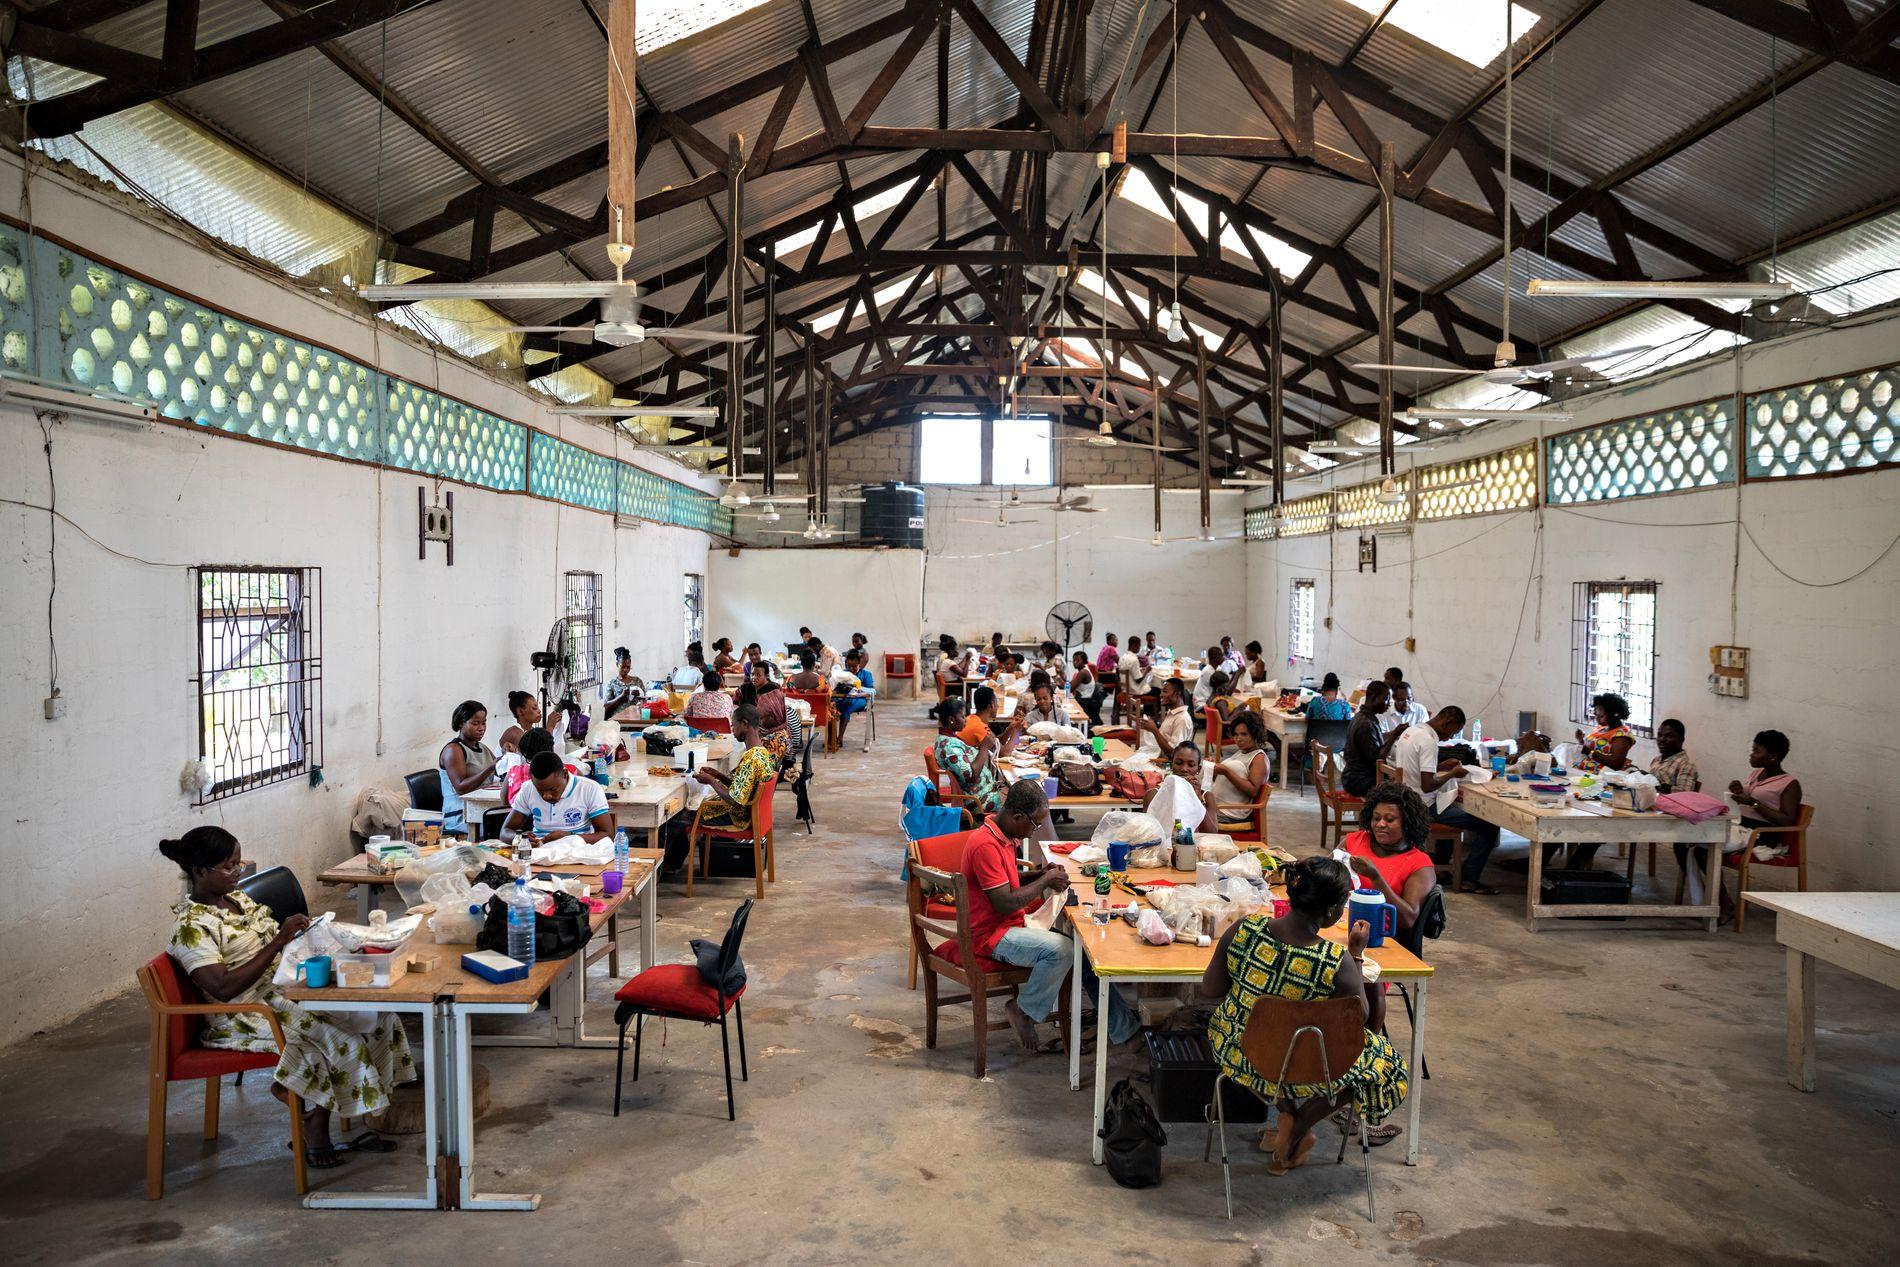 MASSEPRODUKSJON: Dette er en norsk bunadssystue i Kumasi, Ghana. Her holder 70 ghanesere norsk håndverkstradisjon ved hevd. Vinduene i bygningen kommer fra et borettslag i Hordaland, og den store vifta på veggen er fra det gamle trykkeriet til avisen Bergens Tidende.